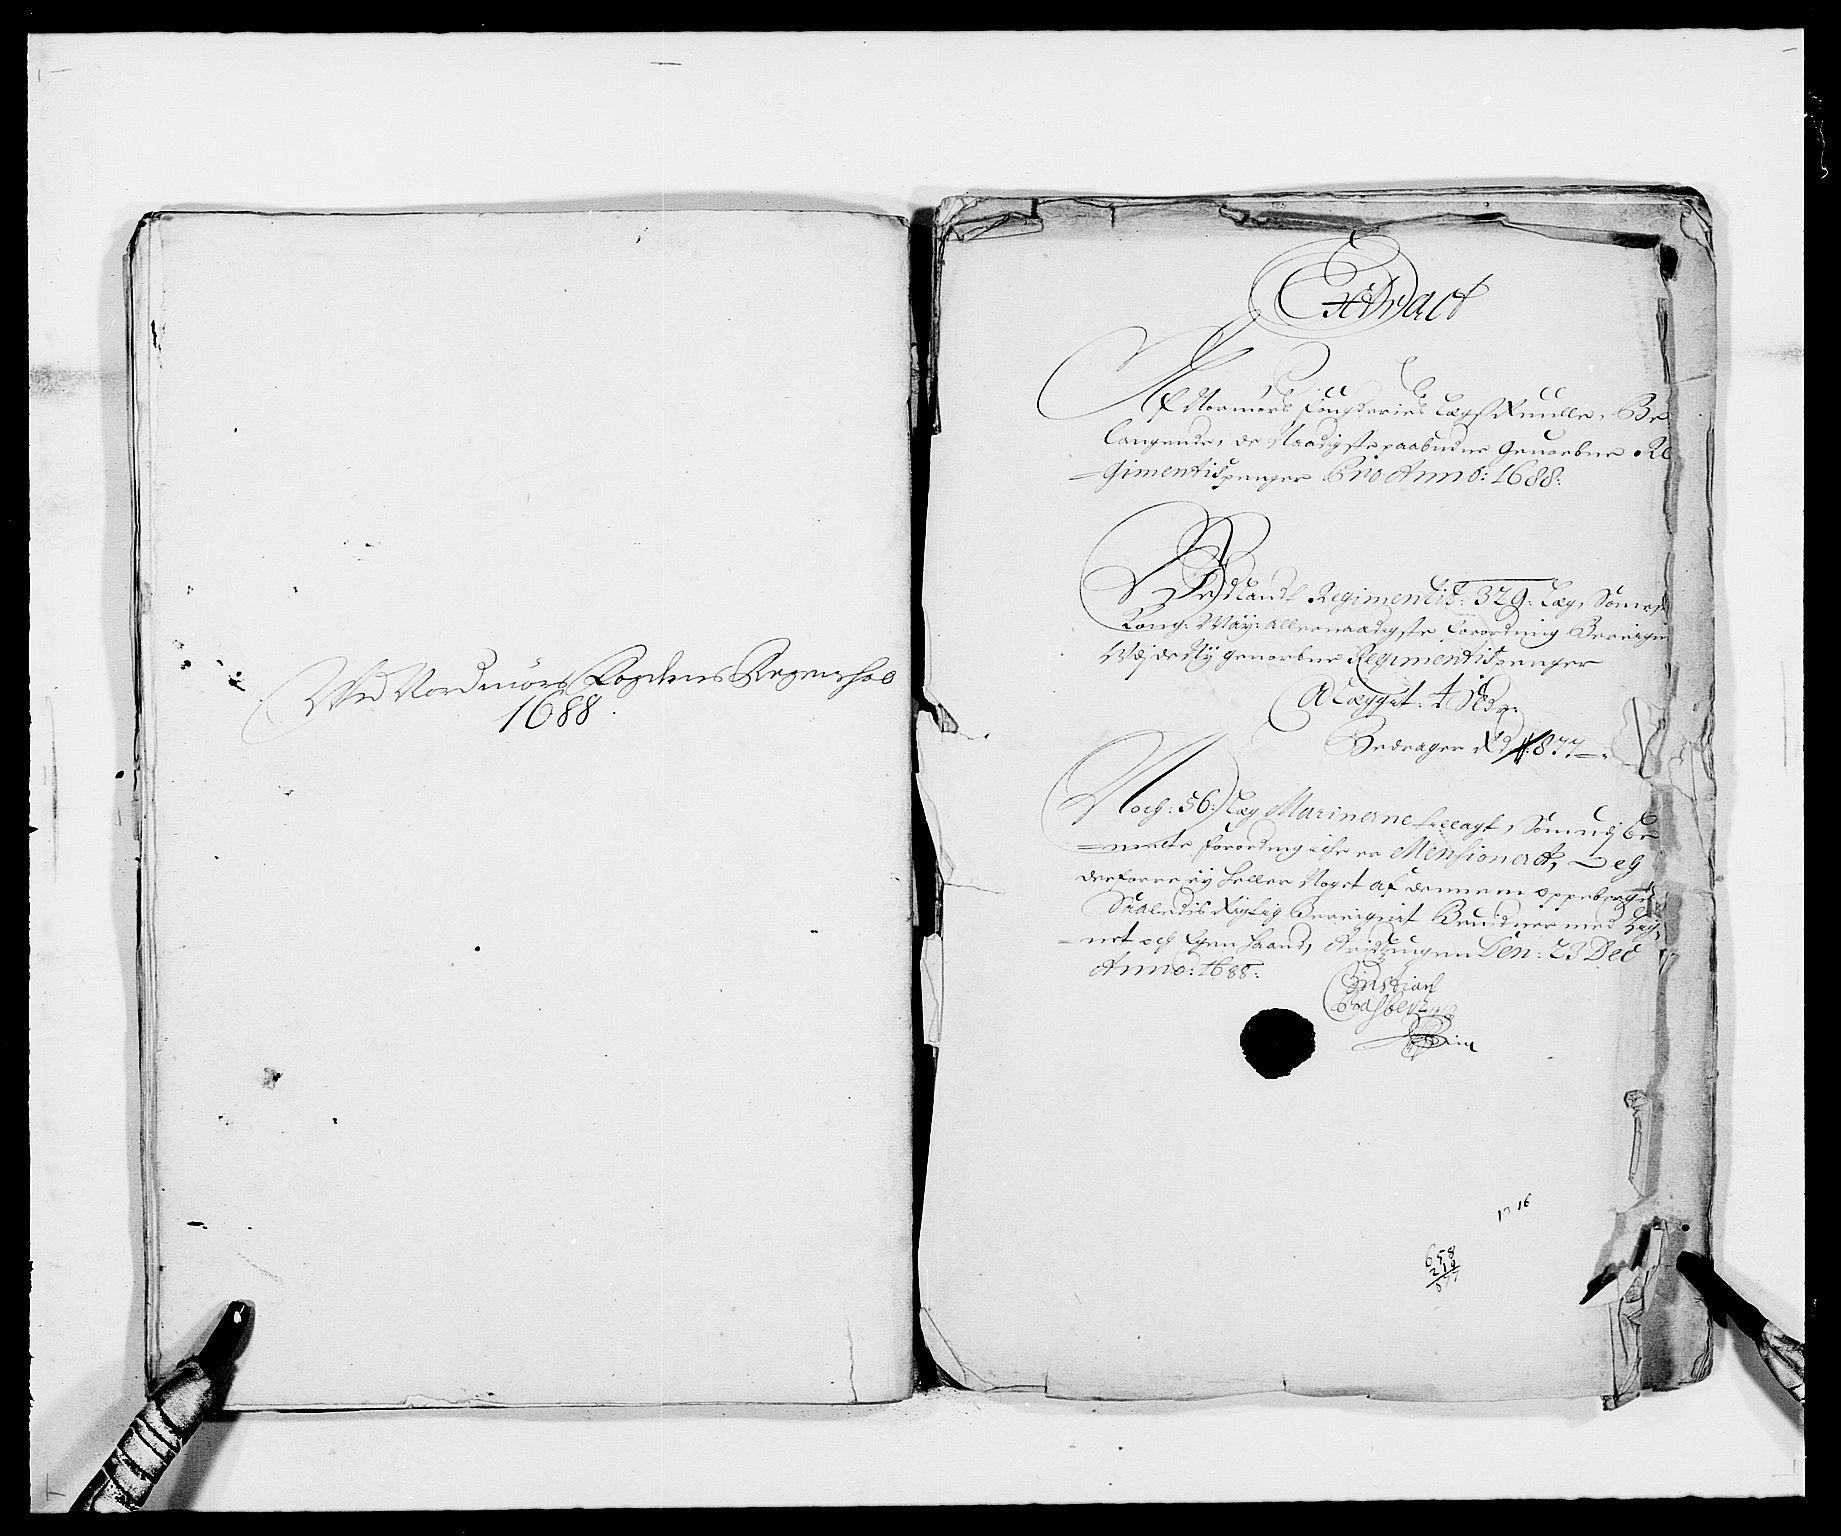 RA, Rentekammeret inntil 1814, Reviderte regnskaper, Fogderegnskap, R56/L3733: Fogderegnskap Nordmøre, 1687-1689, s. 254